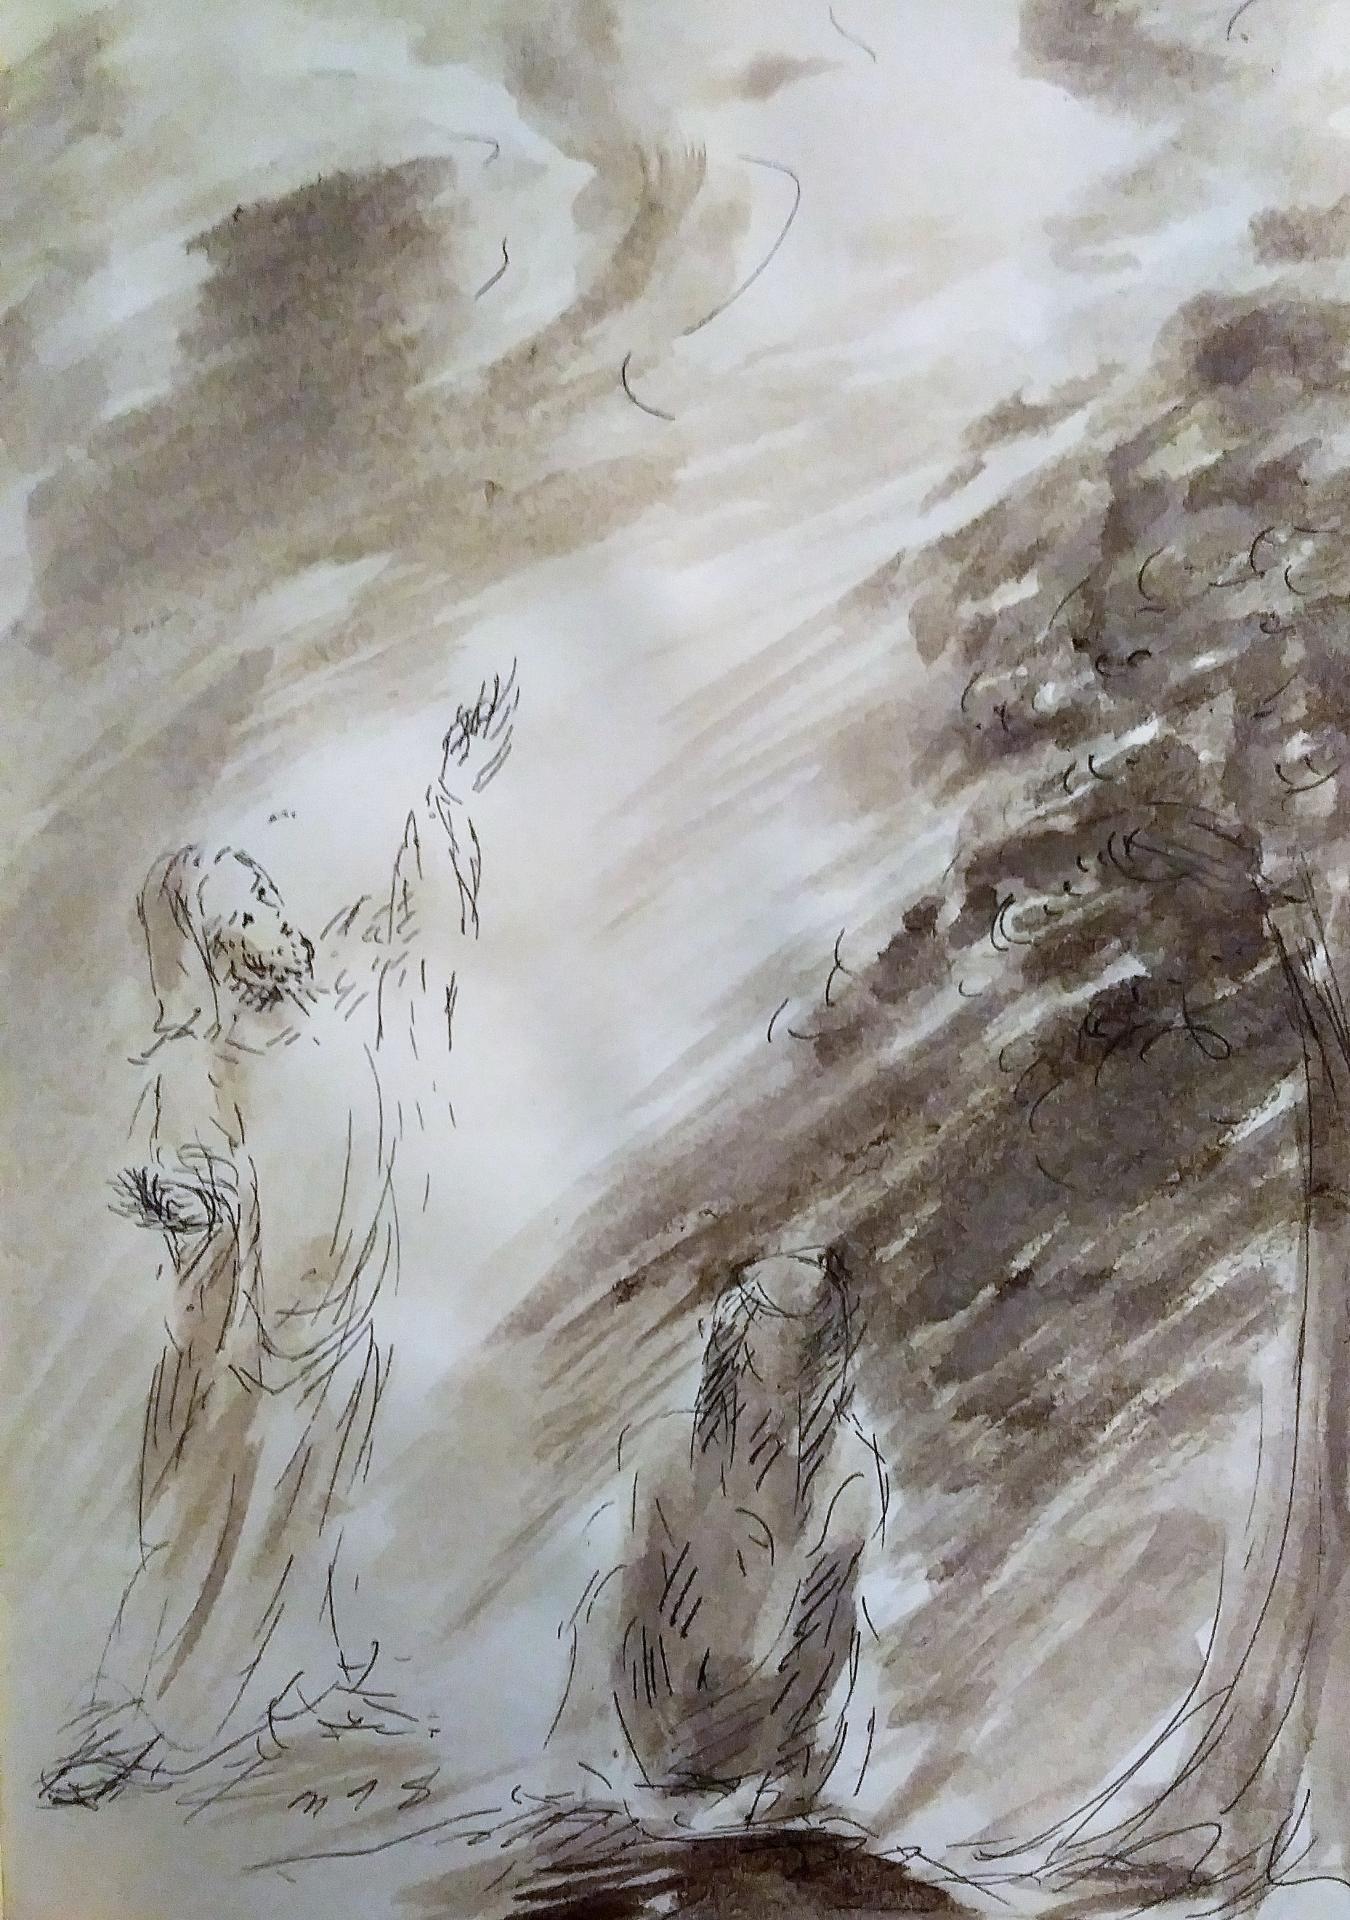 11 Avril 2018, évangile du jour illustré par un dessin au lavis